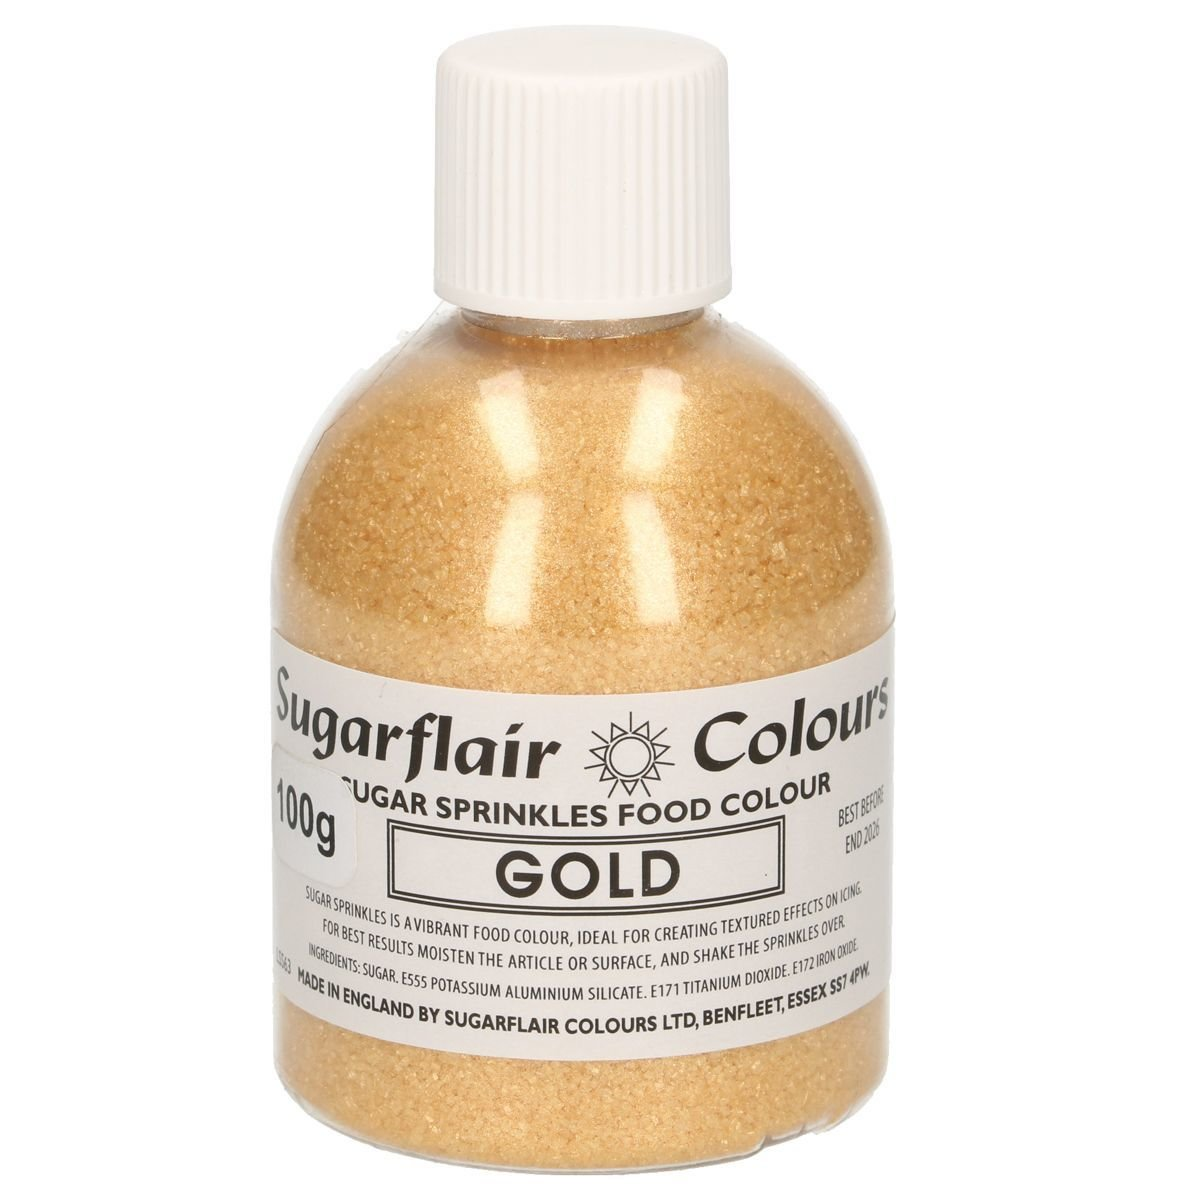 Sugarflair -Sparkling Sugar Sprinkles -GOLD 100g - Χρωματιστή Ζάχαρη - Χρυσή